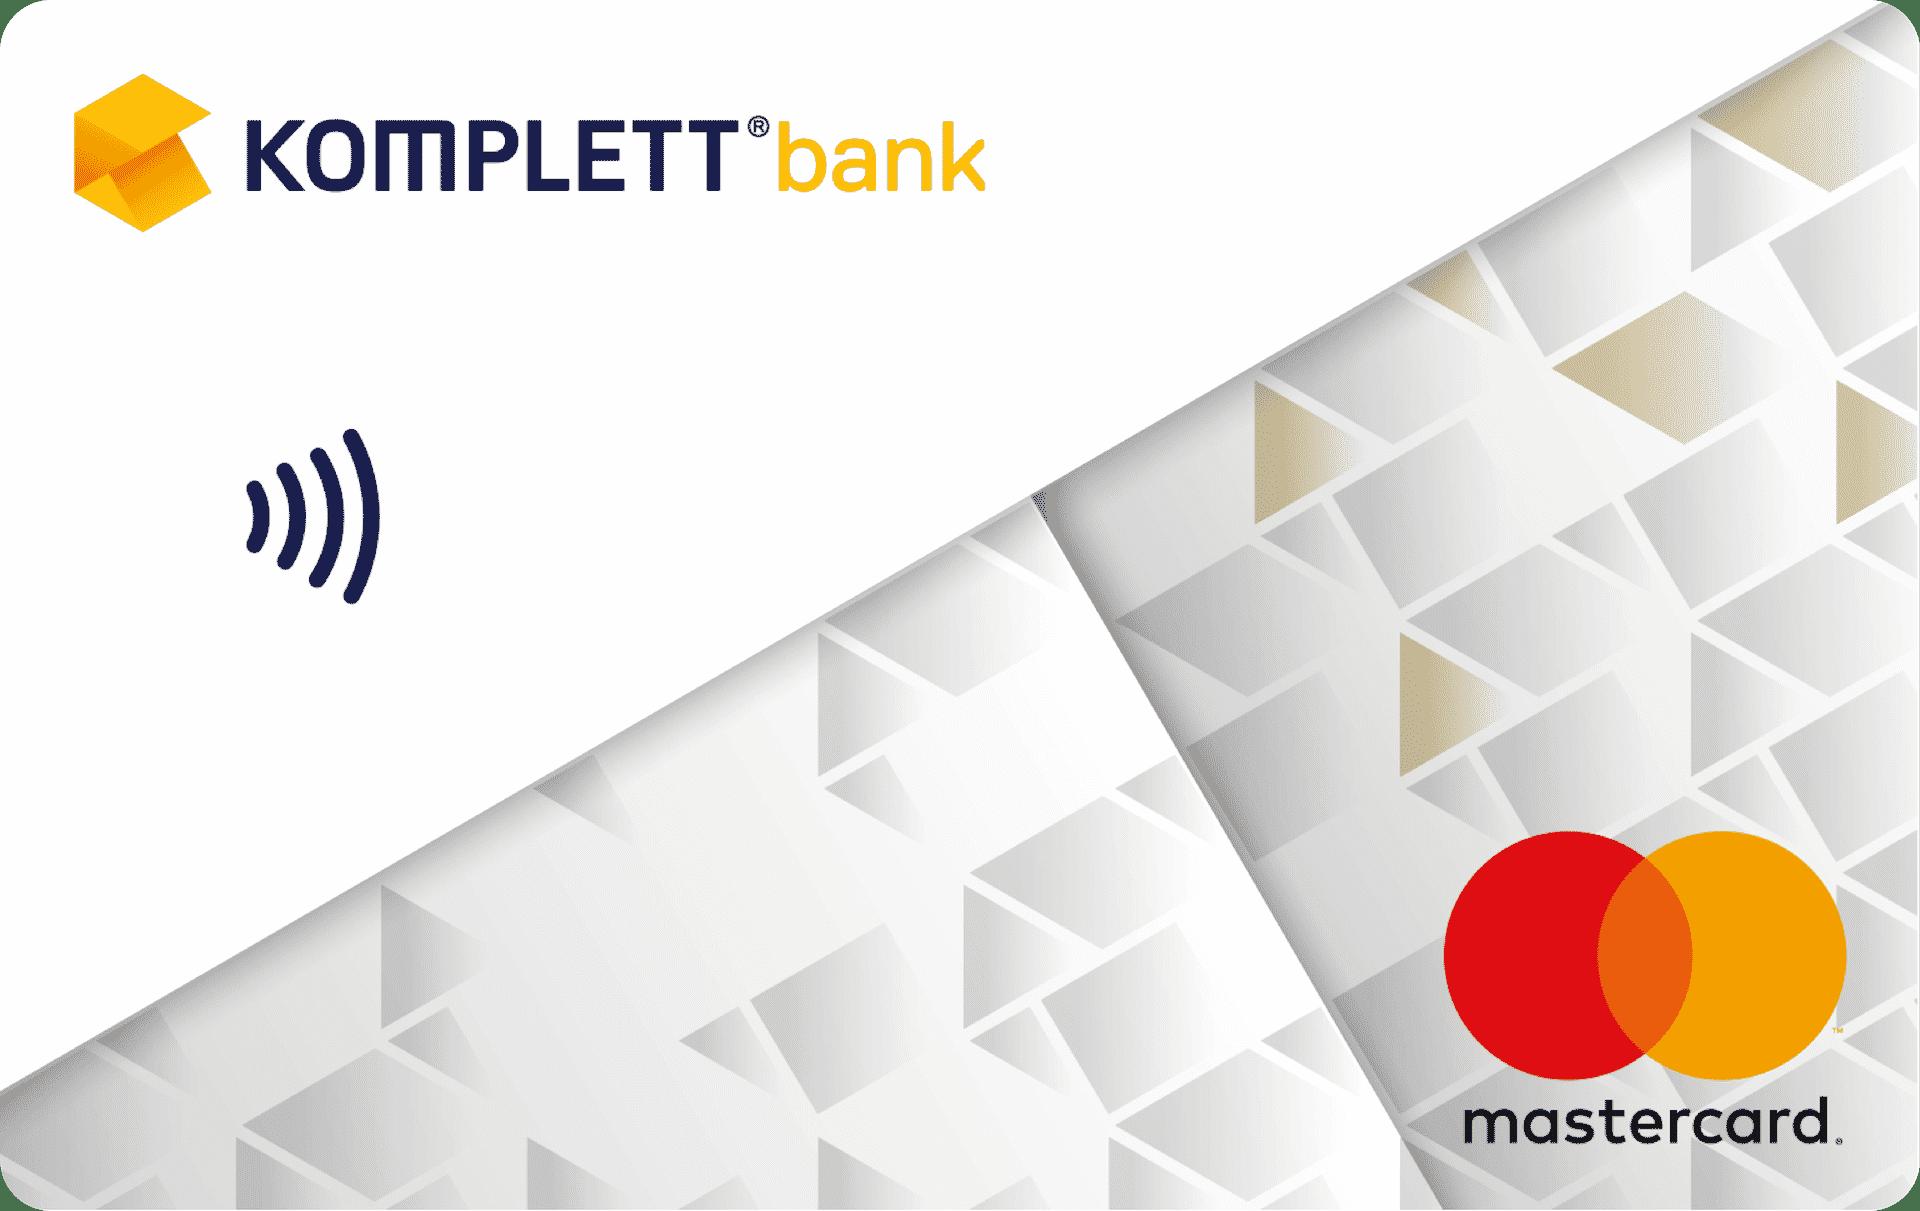 Komplett Bank Kreditkort 2019